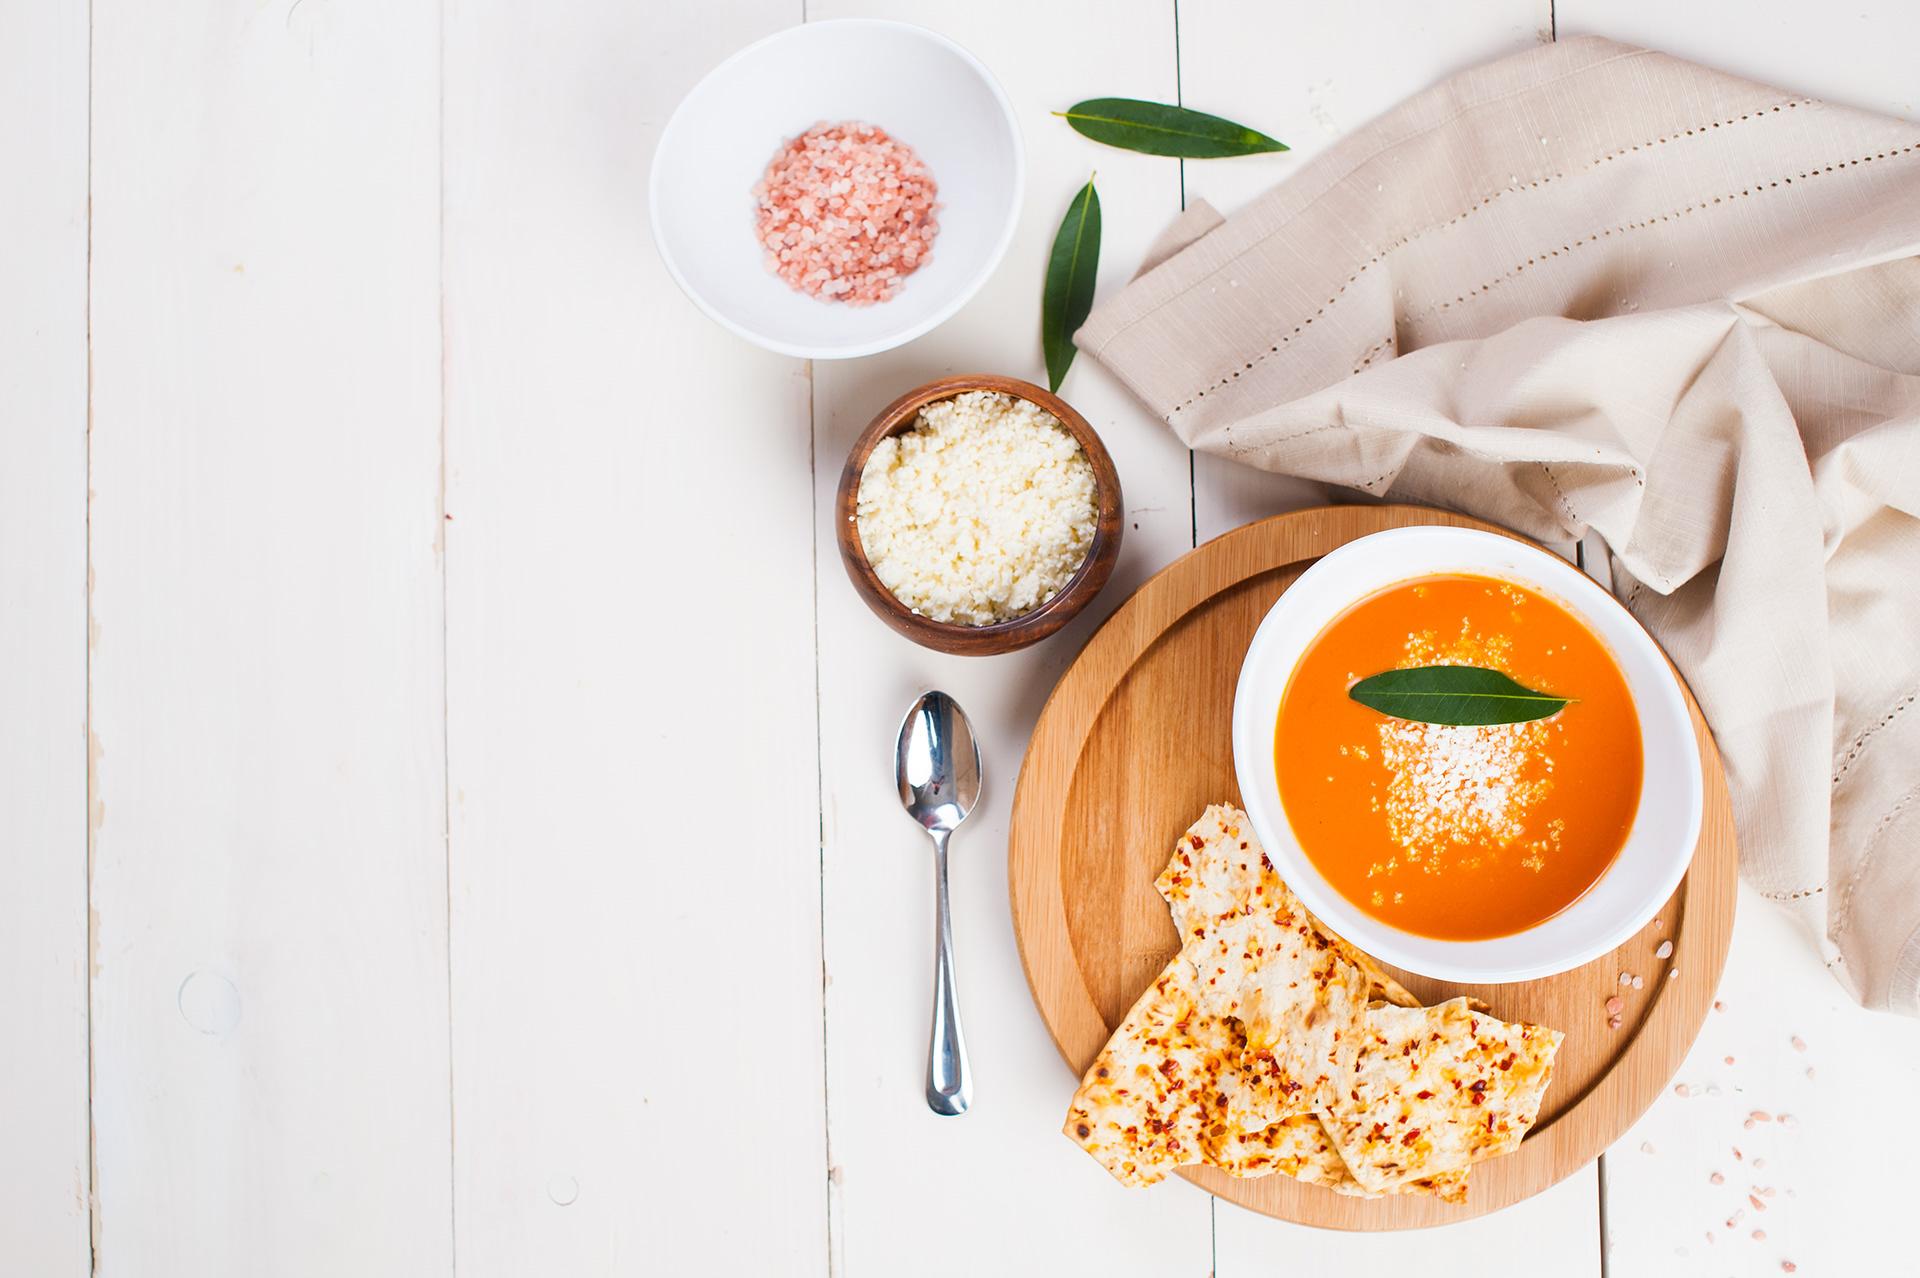 litehouse-foods-4.jpg